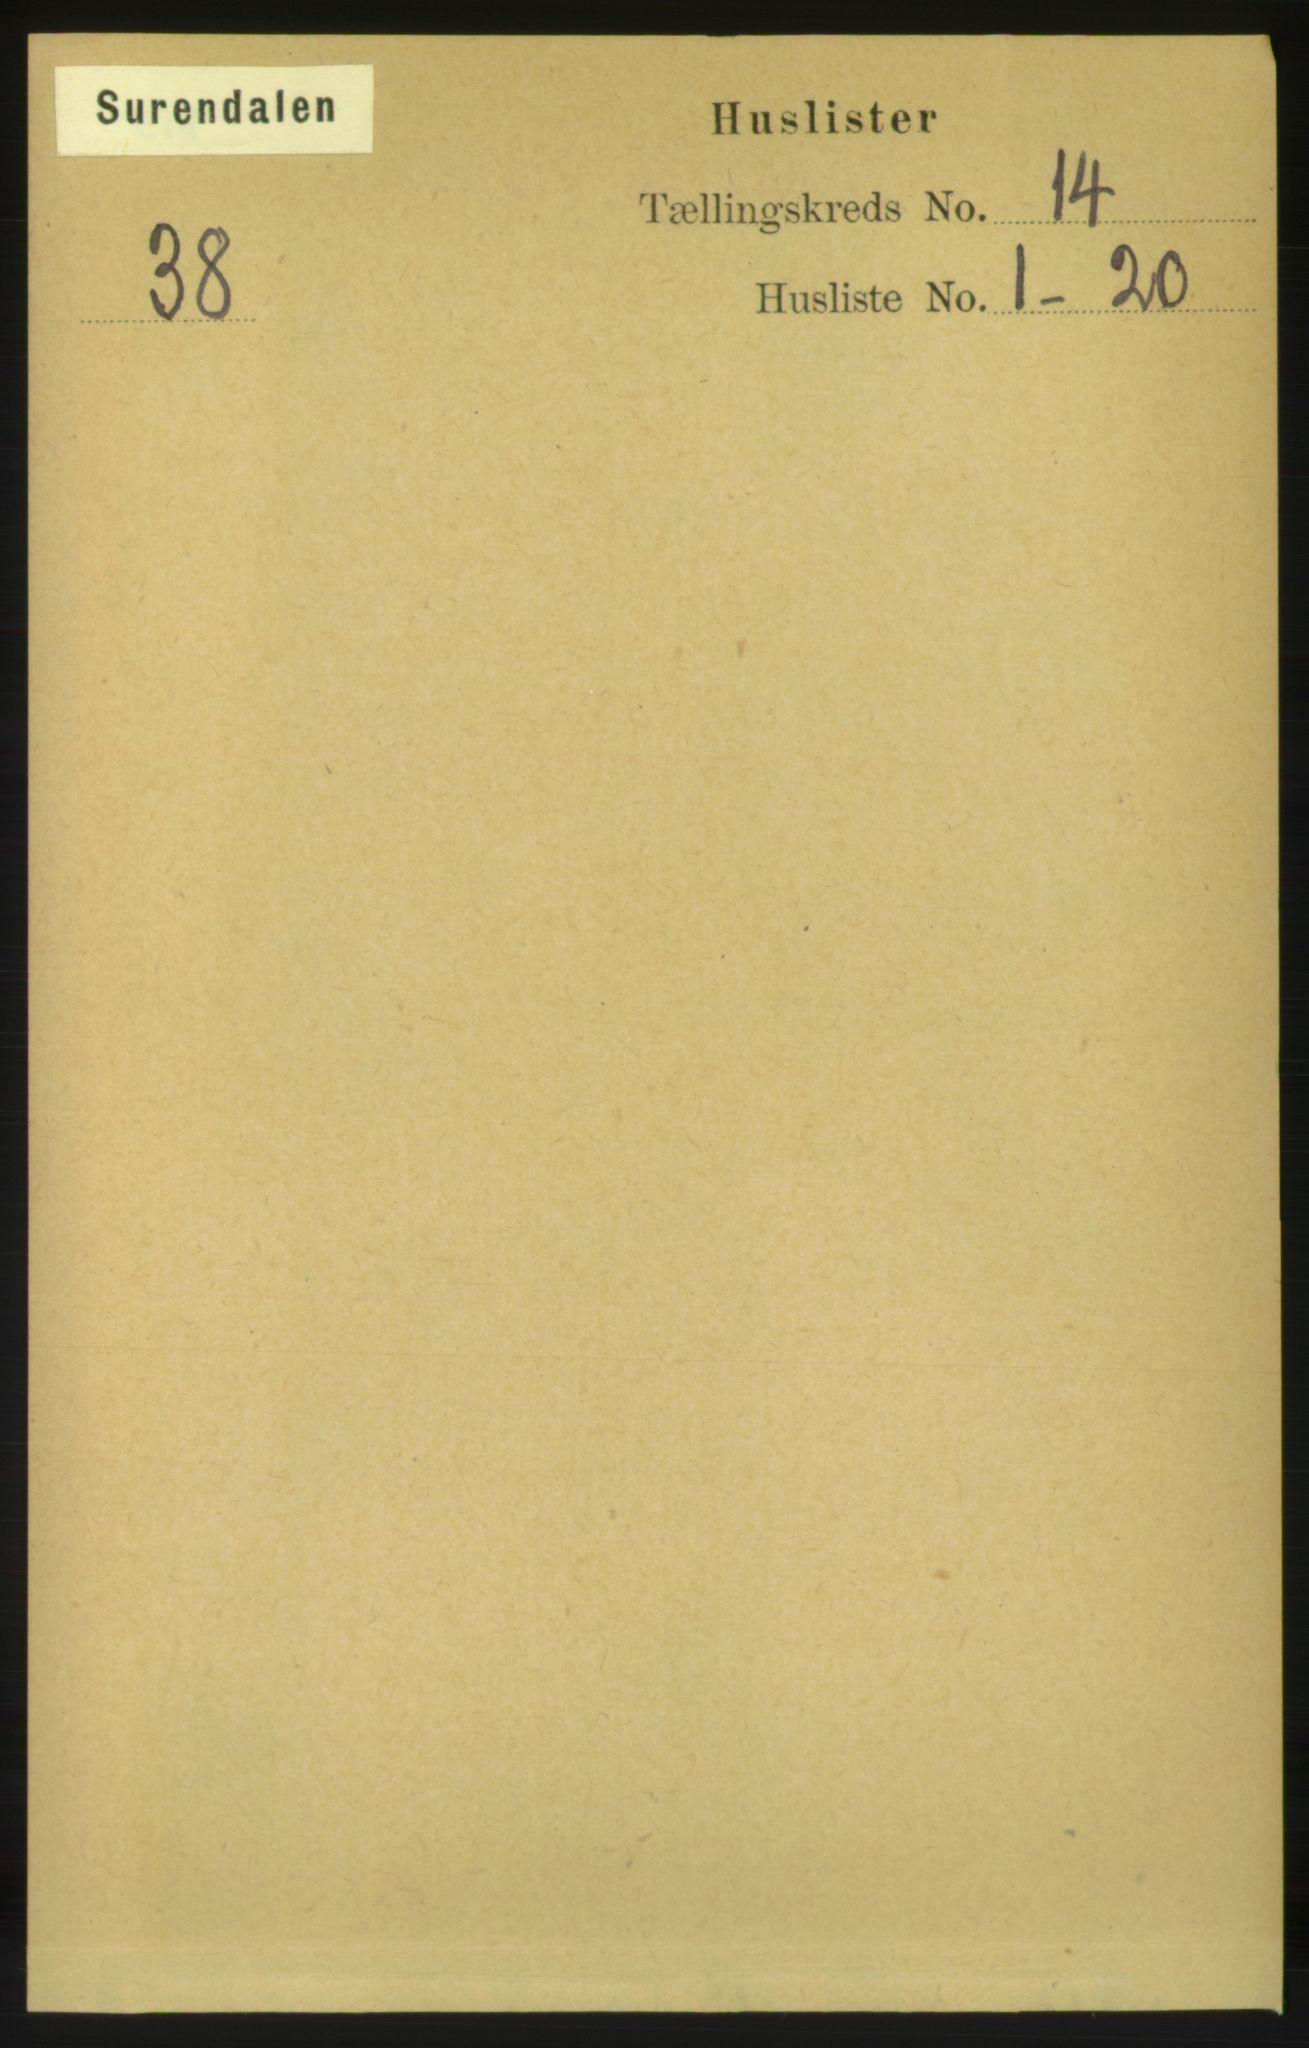 RA, Folketelling 1891 for 1566 Surnadal herred, 1891, s. 3481